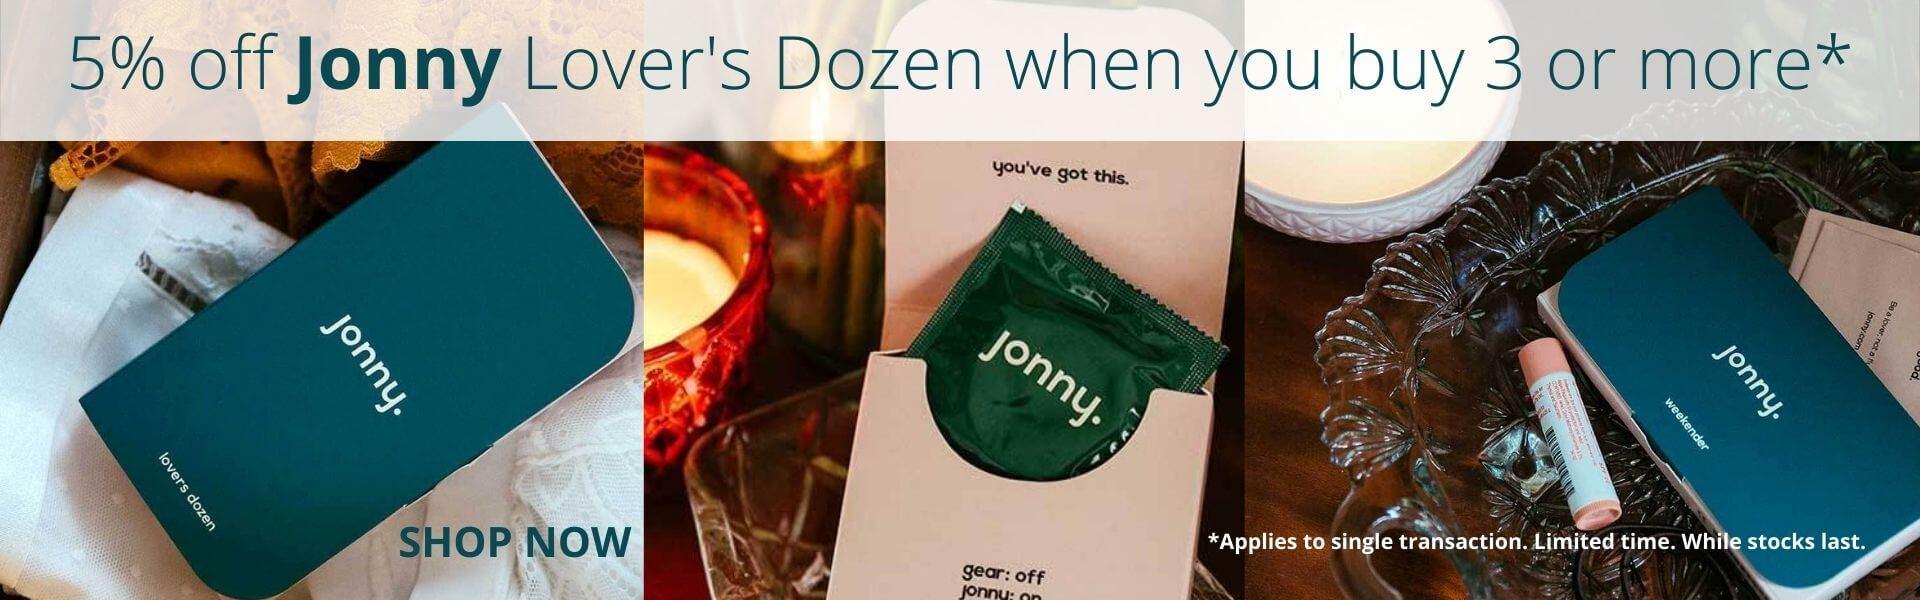 Jonny Lover's Dozen Condoms 5% off